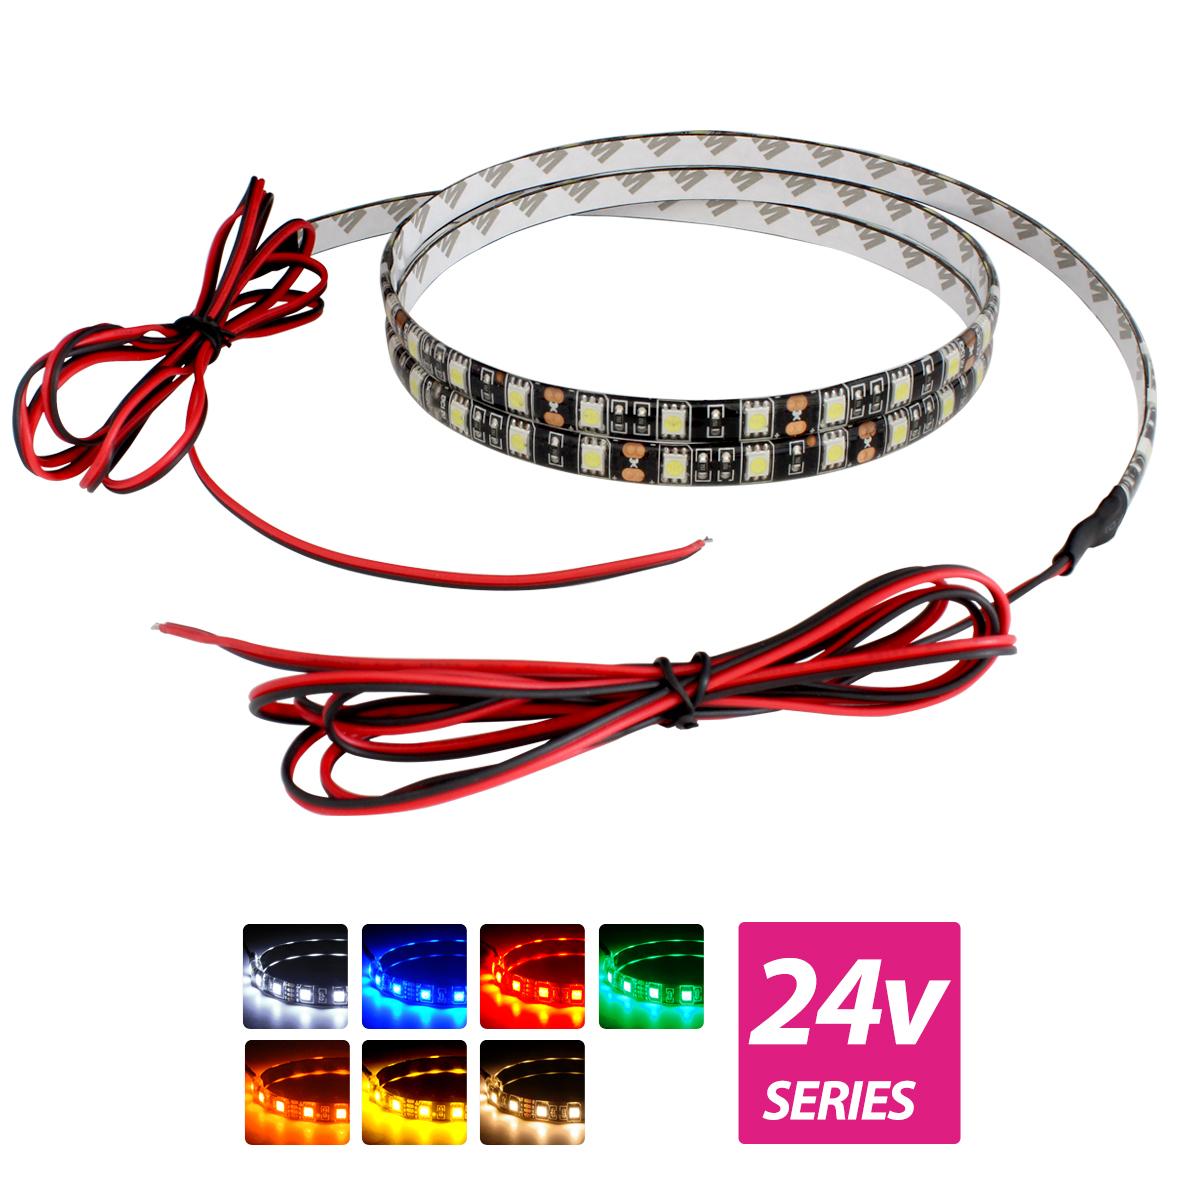 超安24V(ケーブル1.5m×1本) 防水LEDテープライト 3チップ 120cm 両端子 [黒ベース]